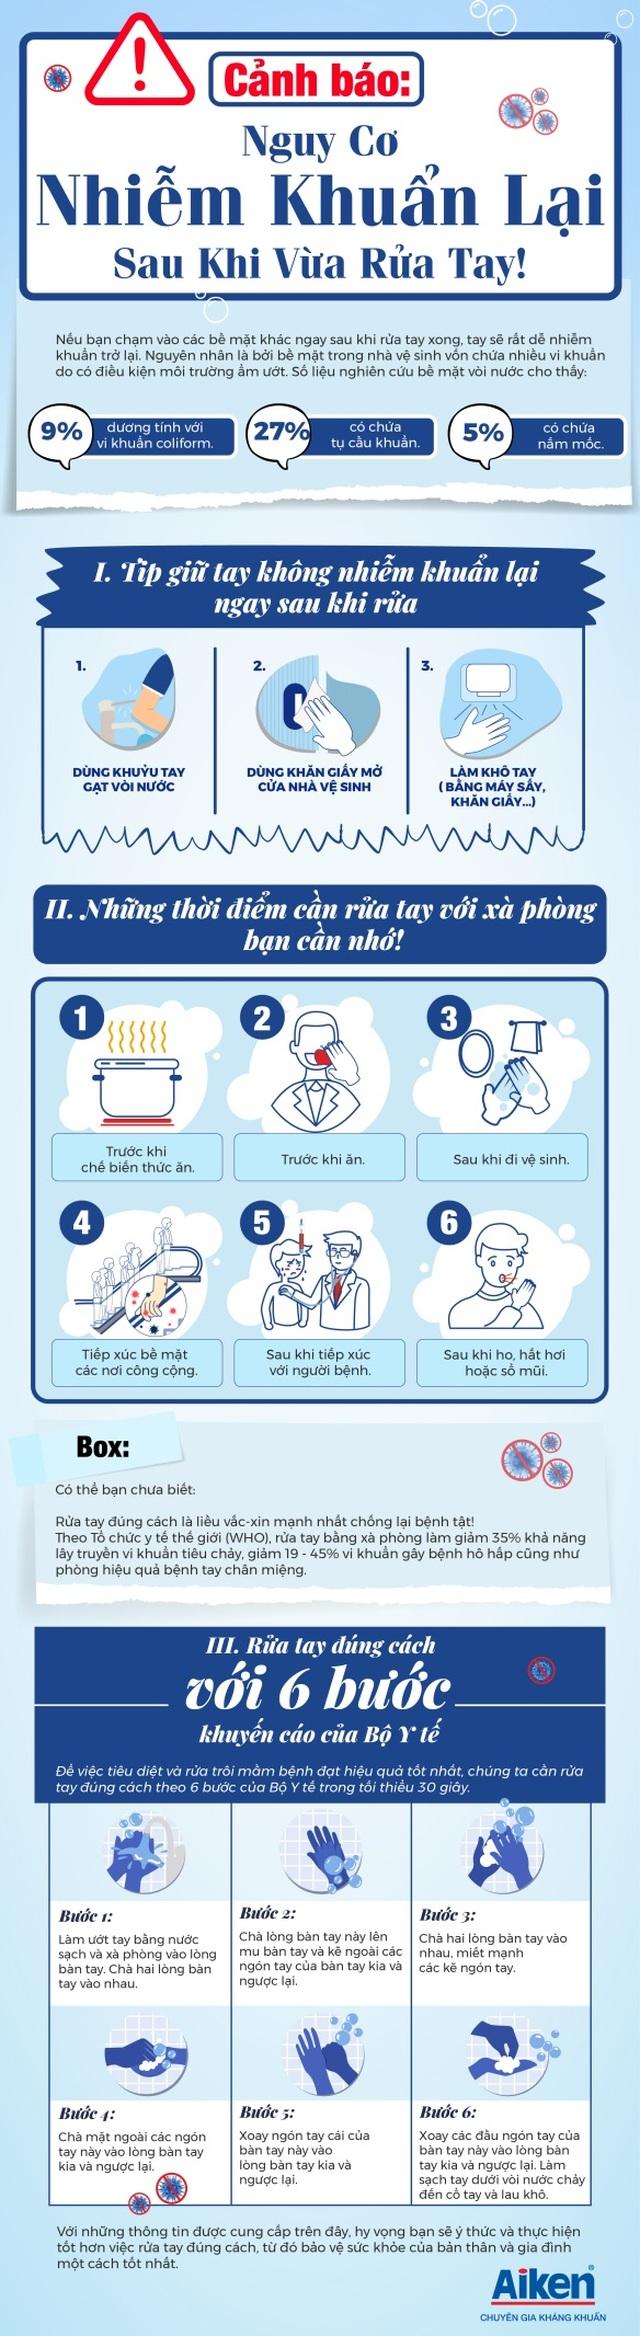 Nguy cơ nhiễm khuẩn cao dù vẫn rửa tay đúng cách - 1